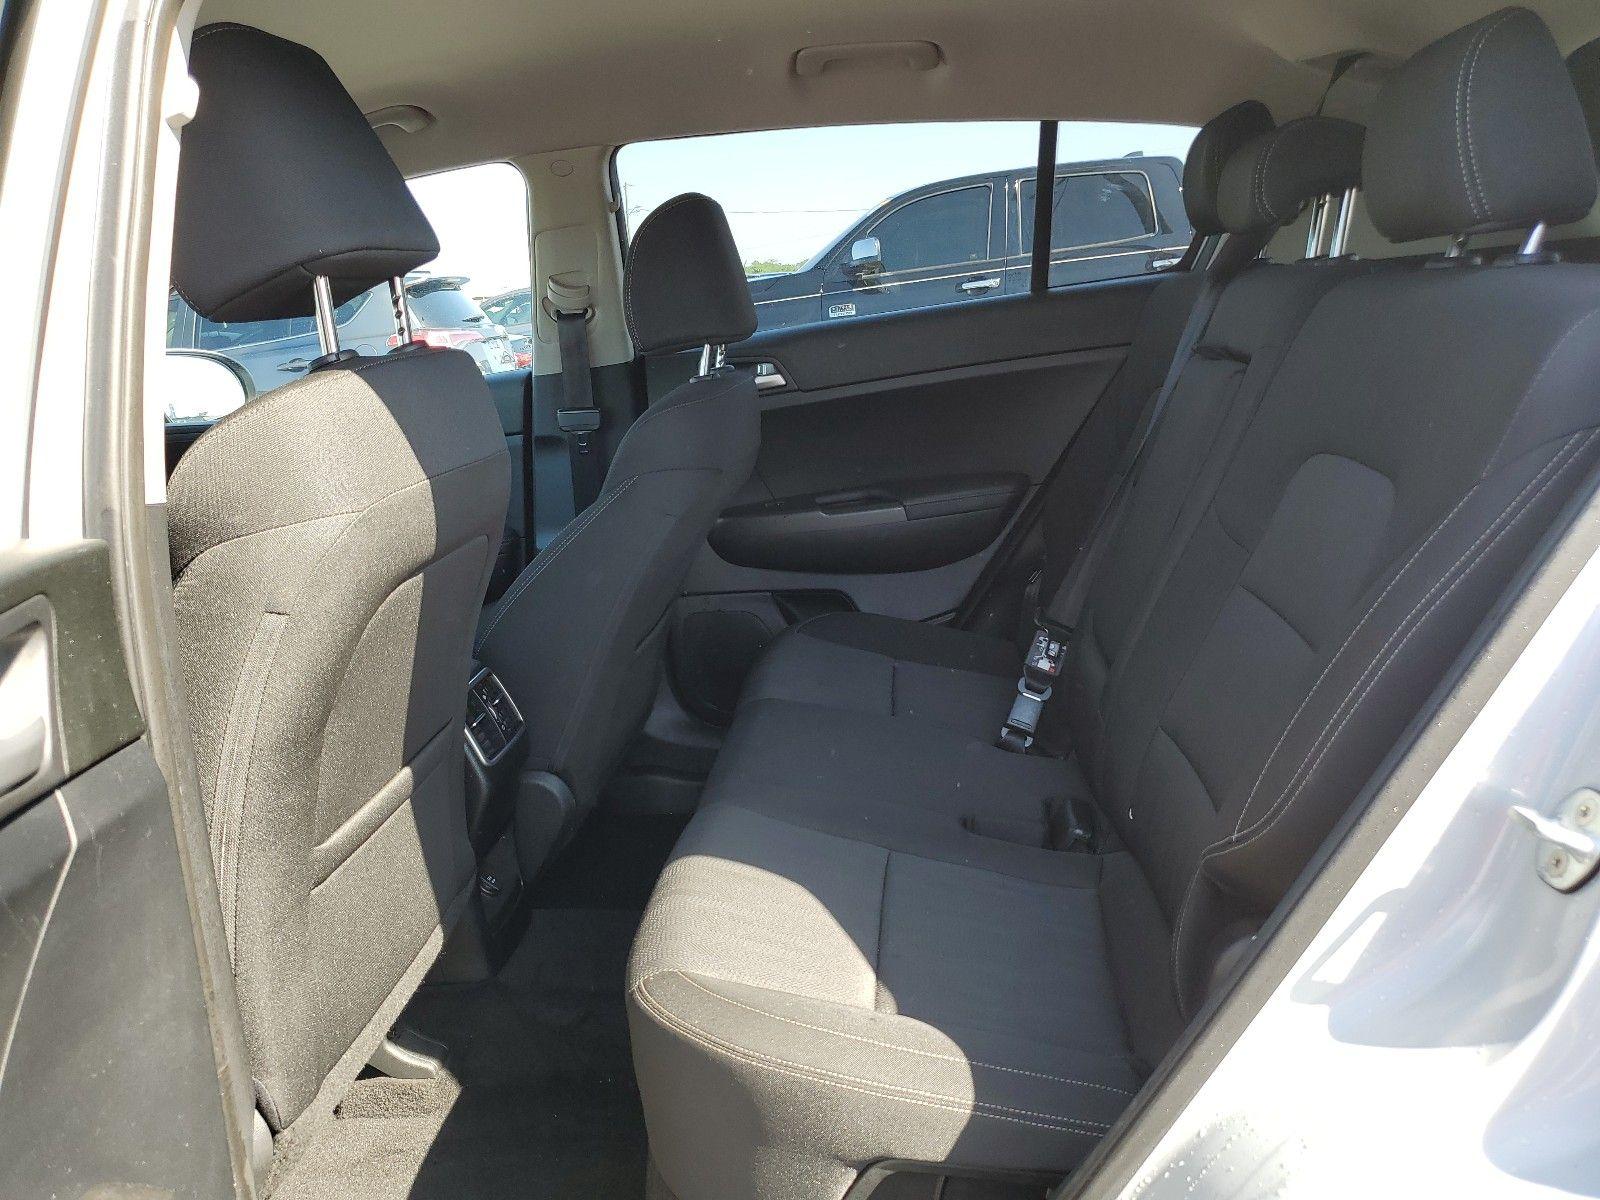 2019 KIA SPORTAGE AWD 4C LX - 13